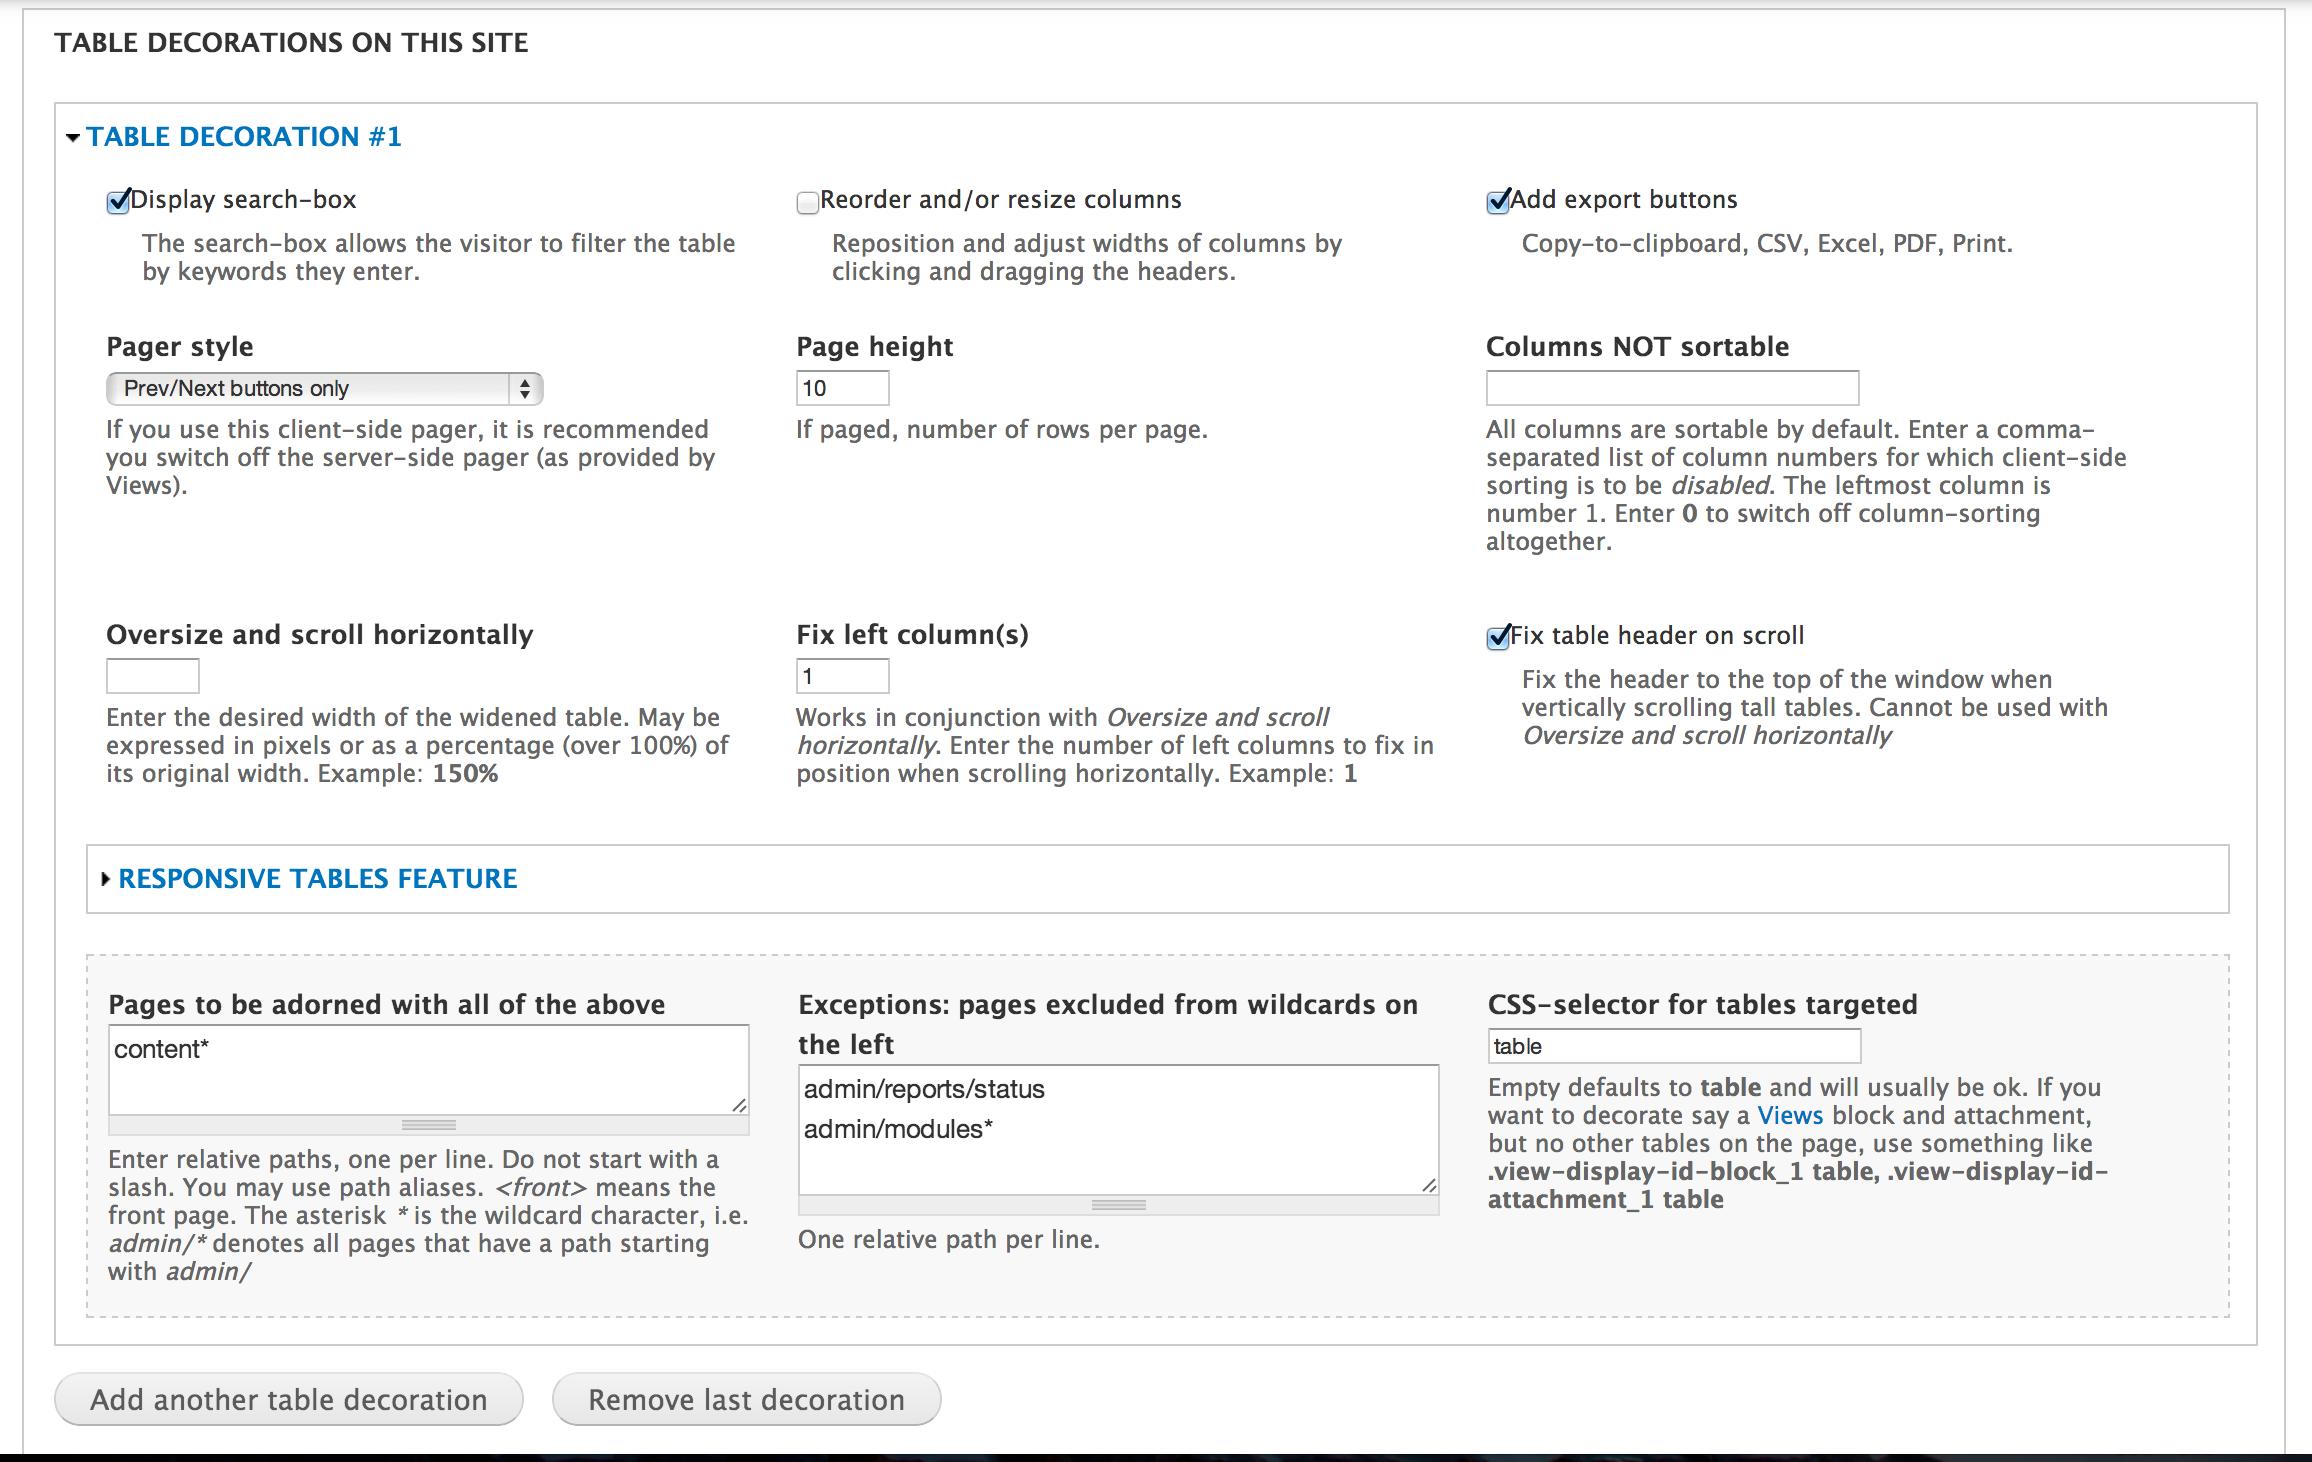 datatable 1.9.4 documentation